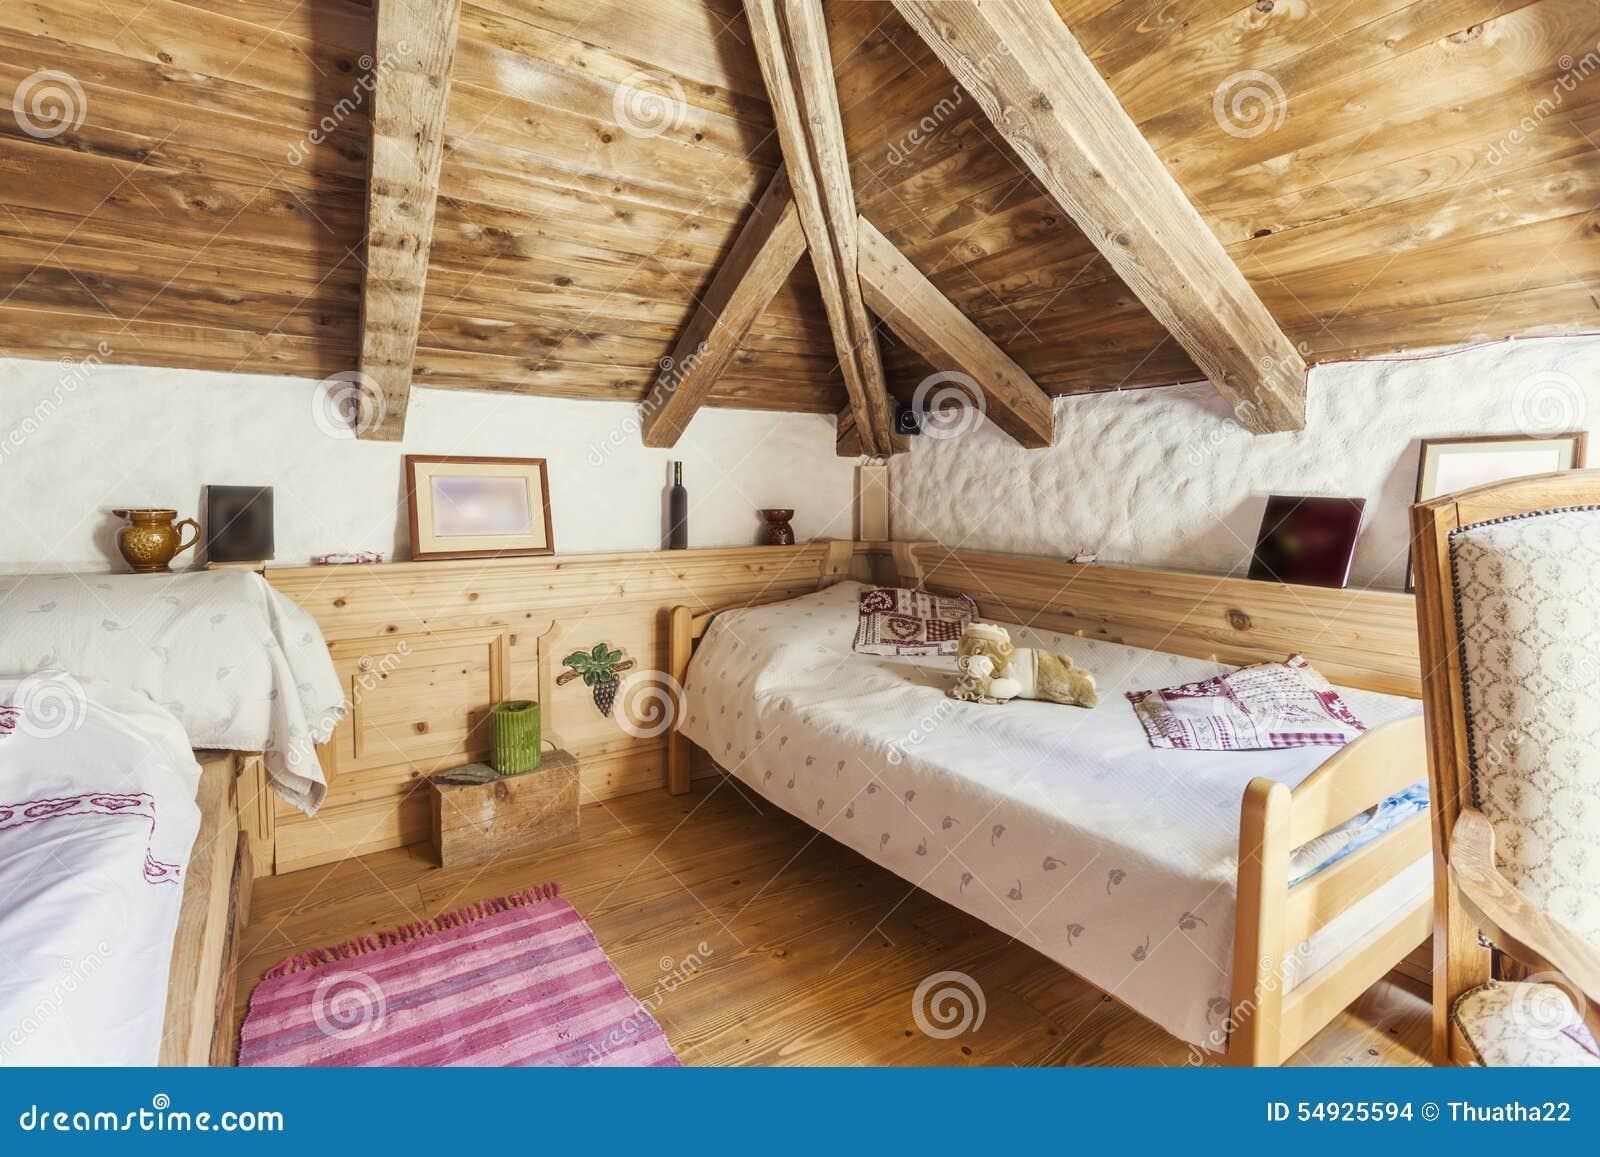 Interno rustico della camera da letto della casa della montagna fotografia stock immagine di - Camere da letto di montagna ...